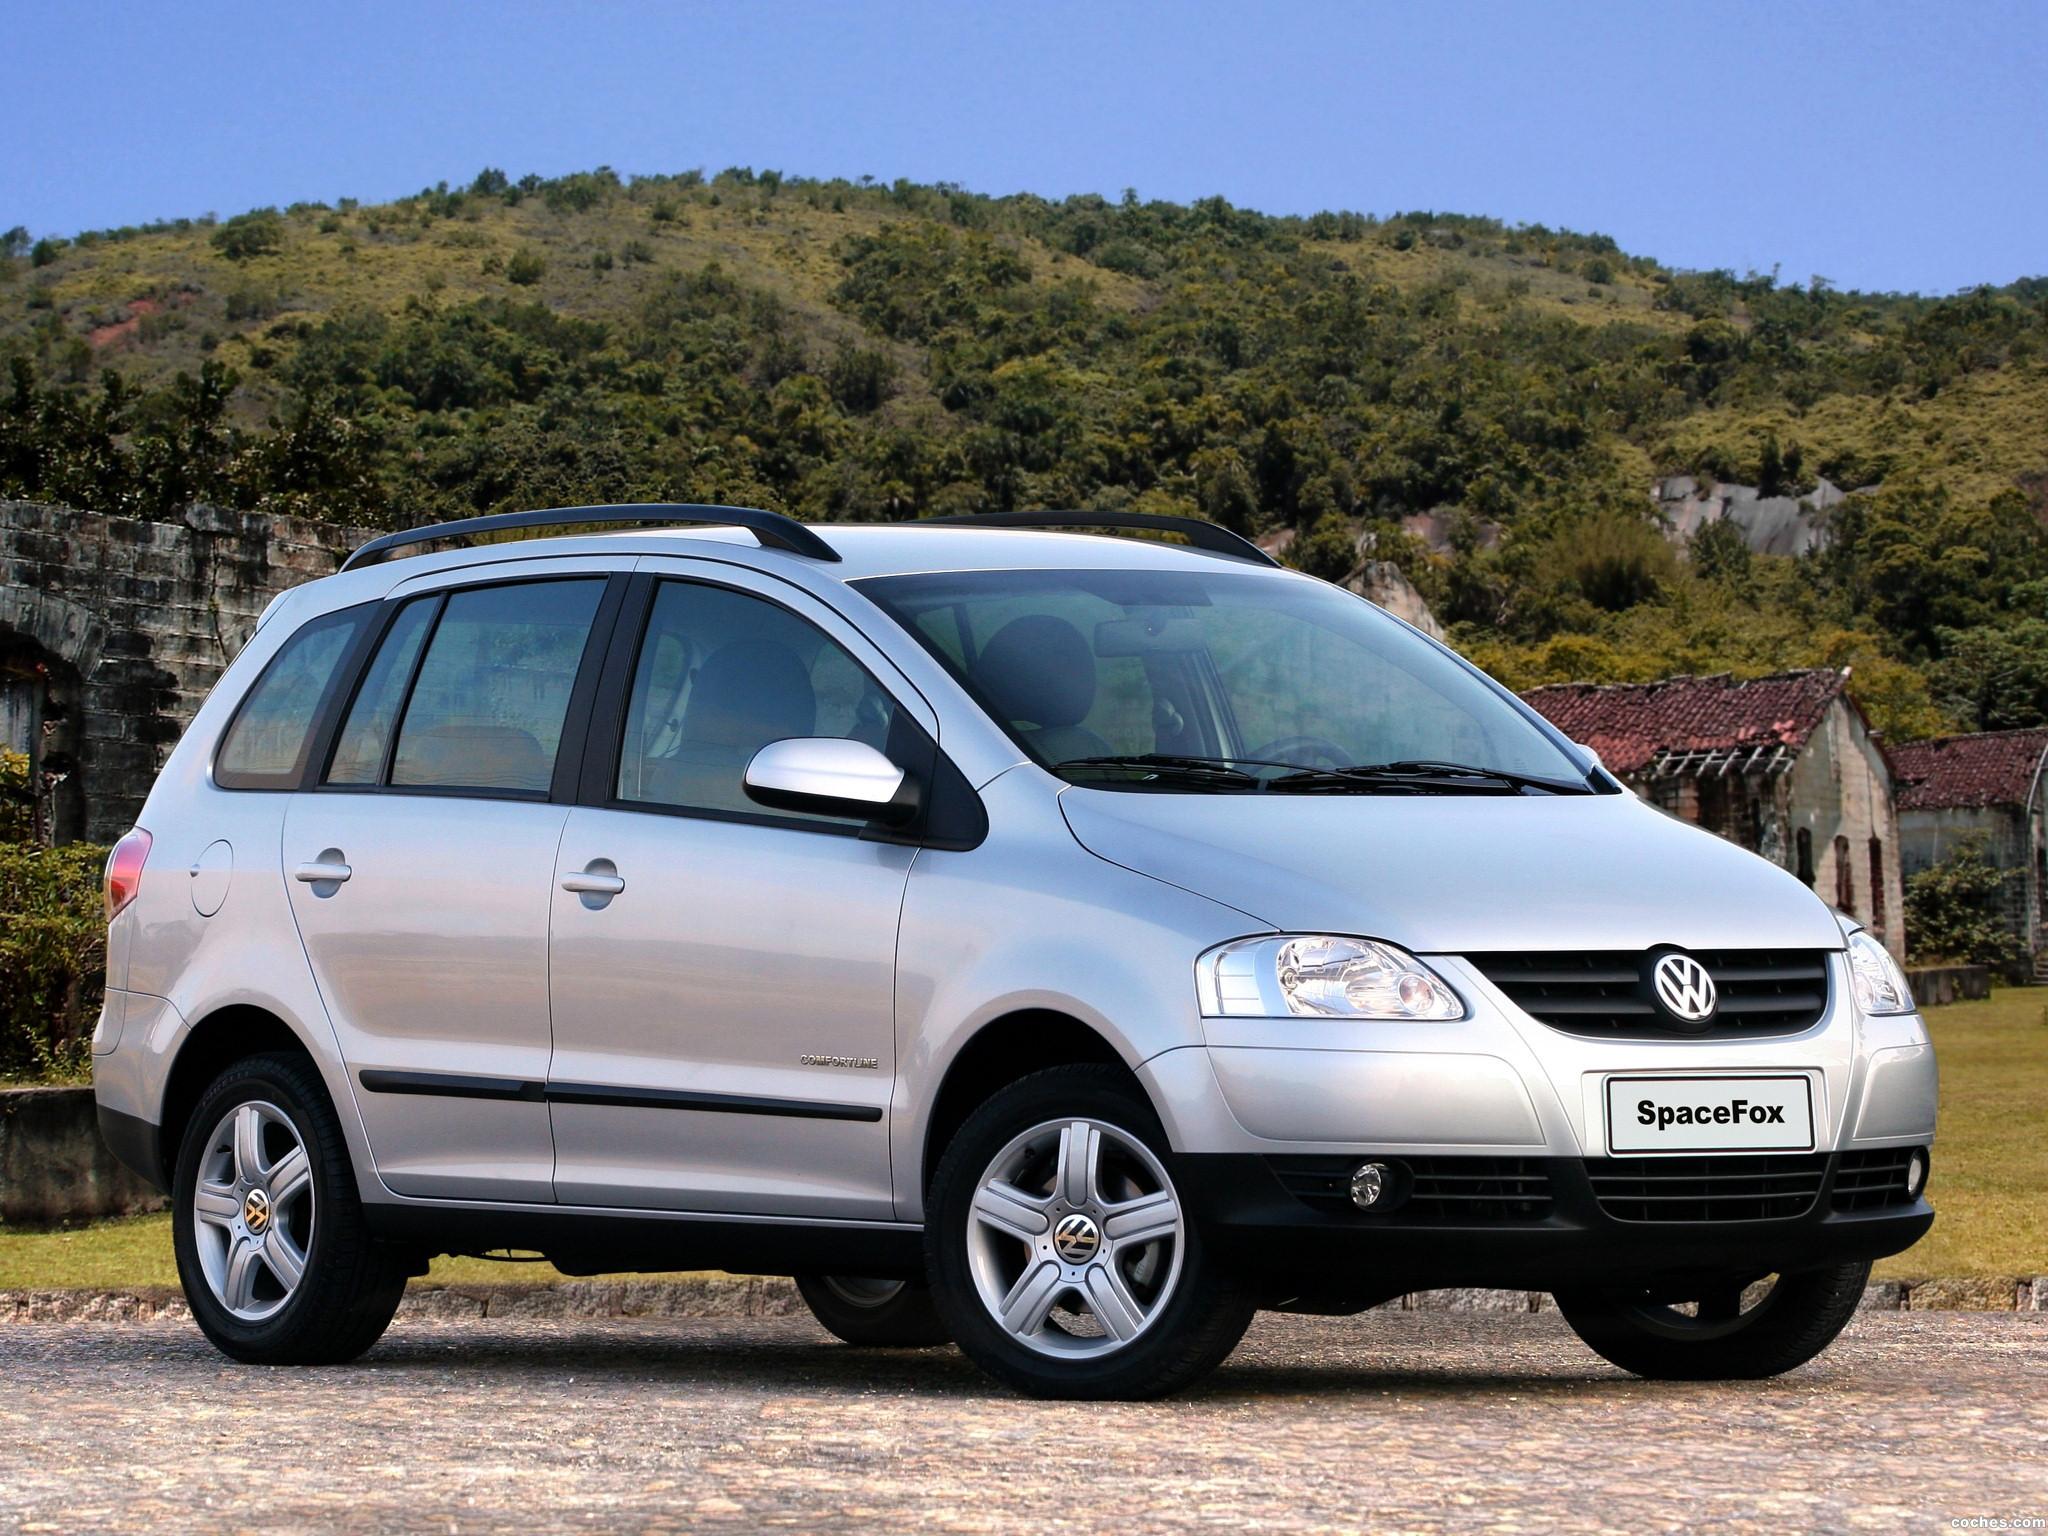 Foto 0 de Volkswagen SpaceFox 2006